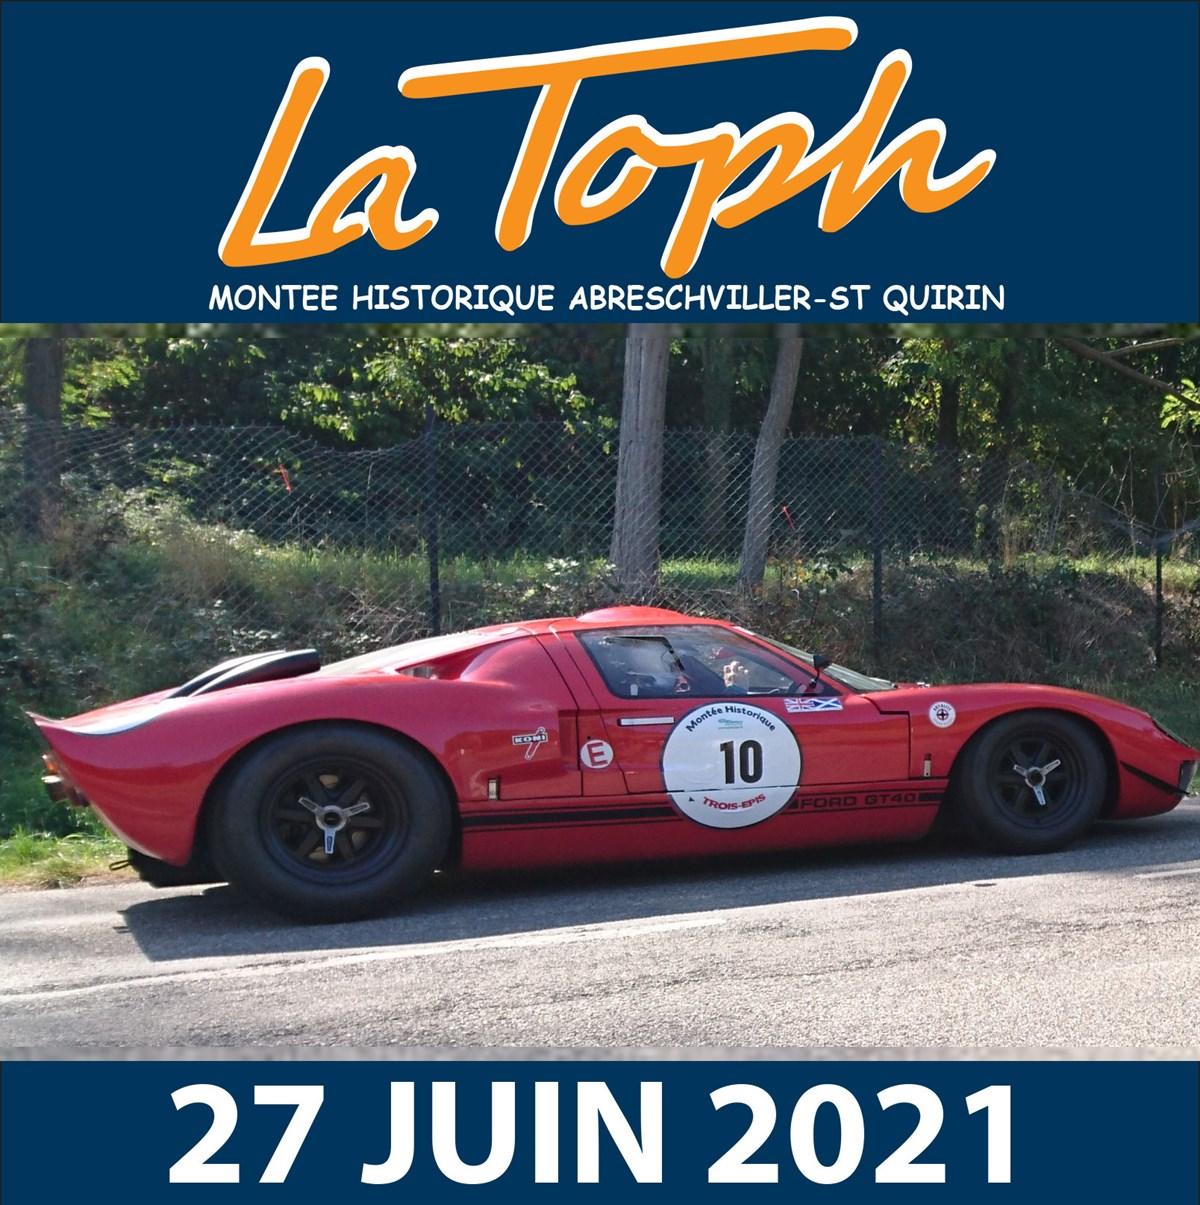 Montée Historique 2022 Calendrier LA TOPH MONTEE HISTORIQUE ABRESCHVILLER ST QUIRIN   Classic Car